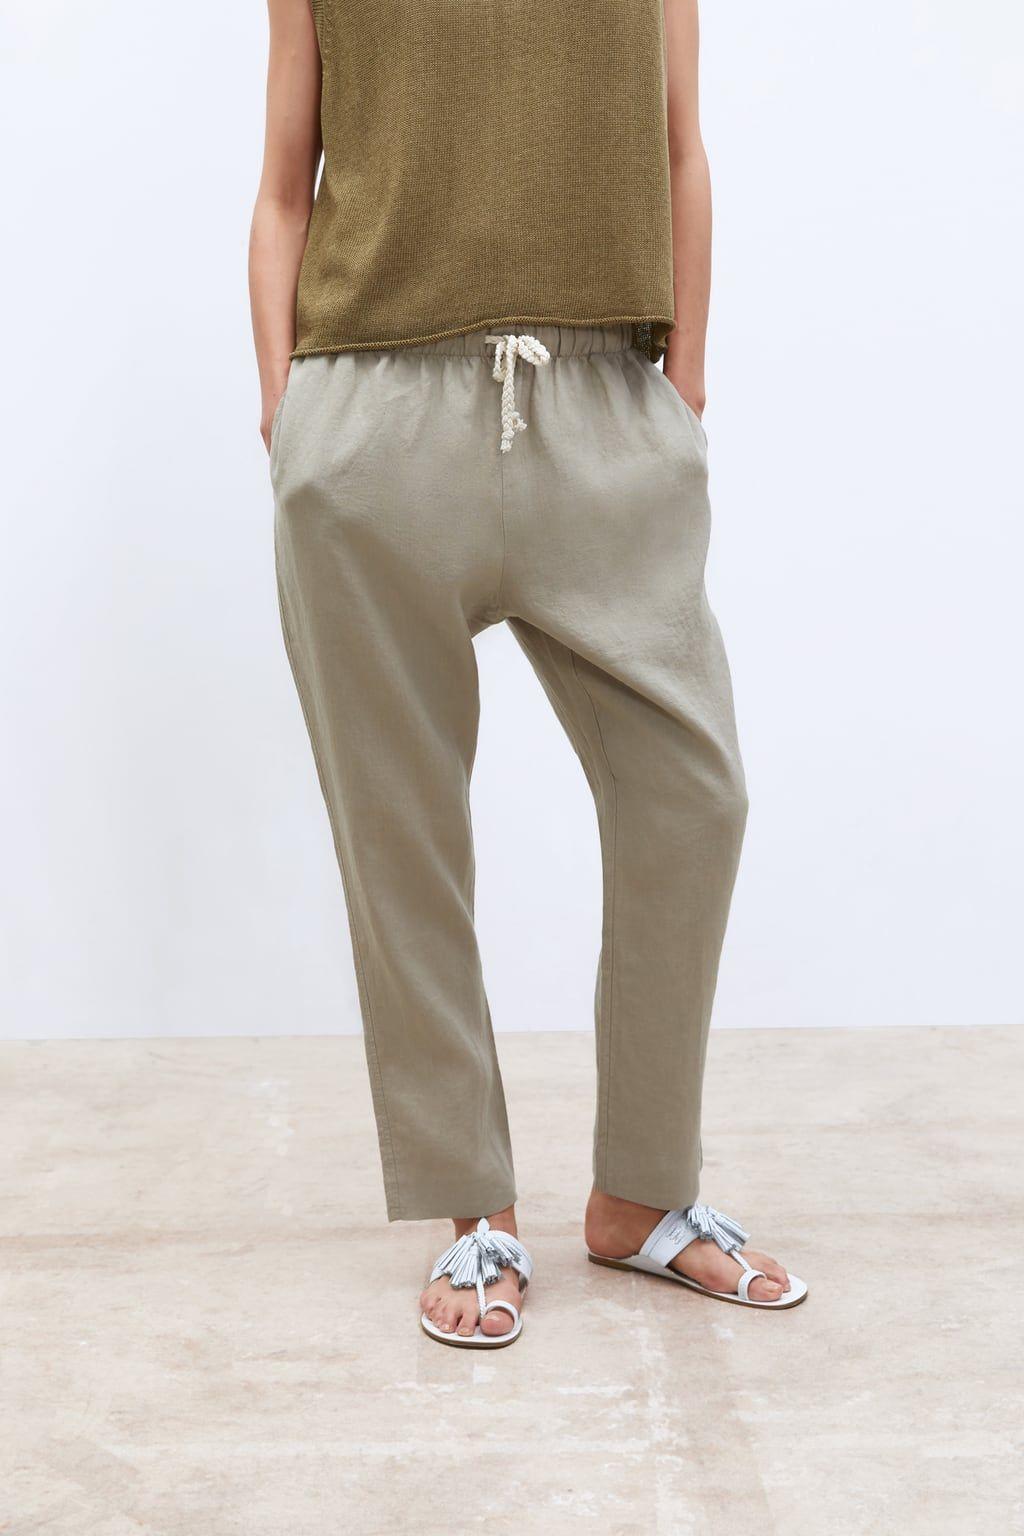 W2019 Lniane Spodnie Wiazane W Pasie Zobacz Wiecej Spodnie Kobieta Zara Polska Linen Drawstring Pants Linen Drawstring Drawstring Pants